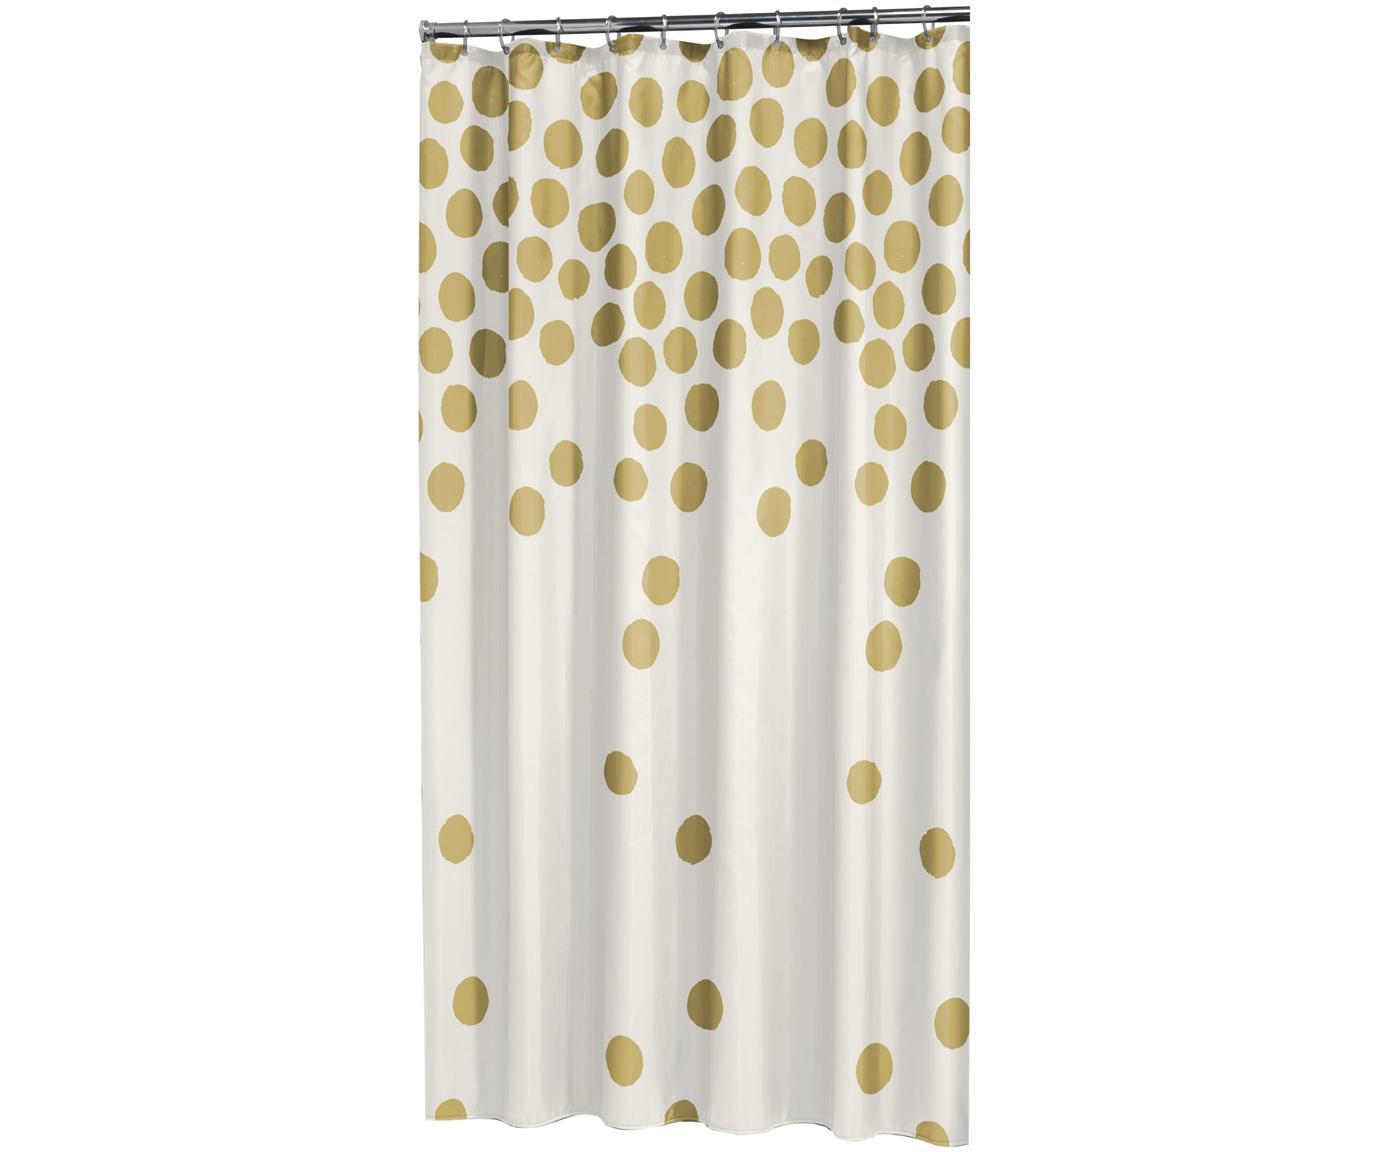 Douchegordijn Spots in wit/goudkleur, Oogjes: metaal, Wit, goudkleurig, 180 x 200 cm